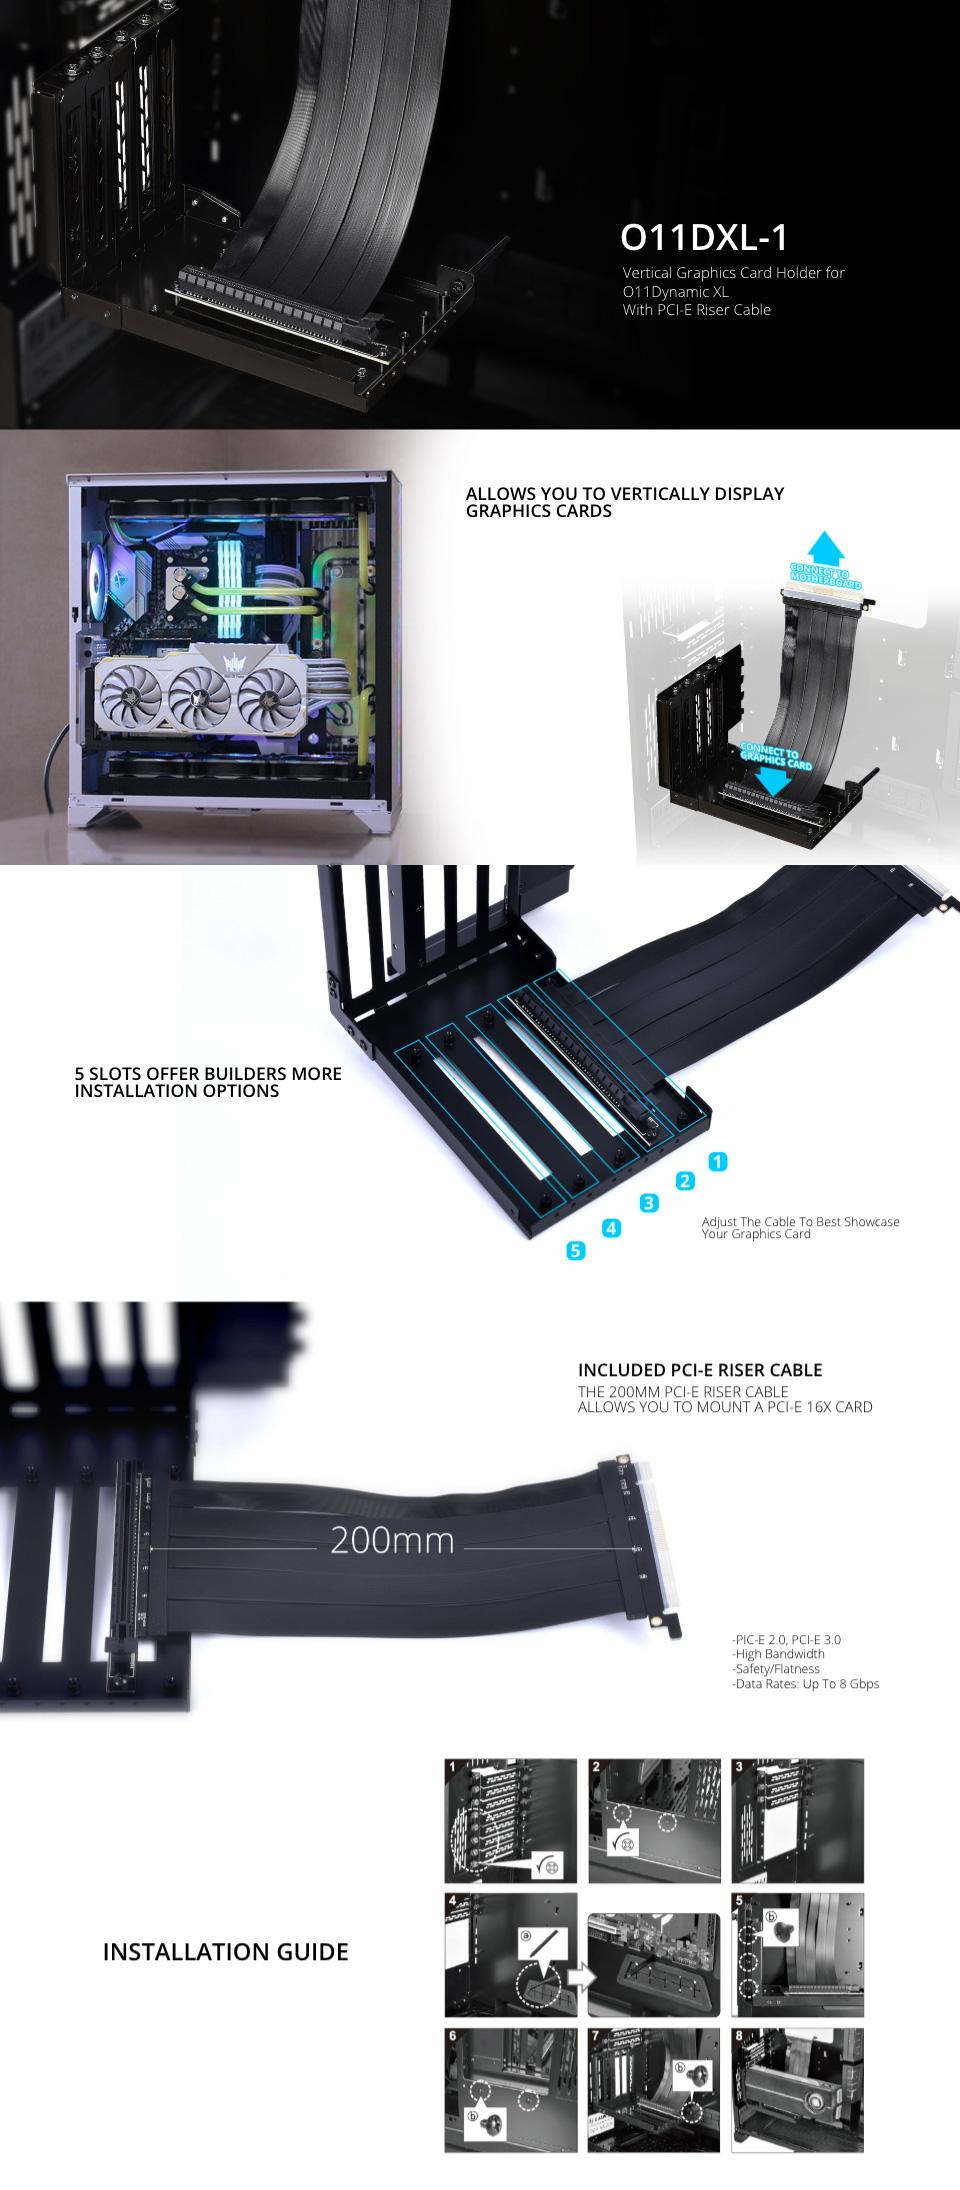 Lian Li O11DXL-1 PCI-E Riser Card Kit features